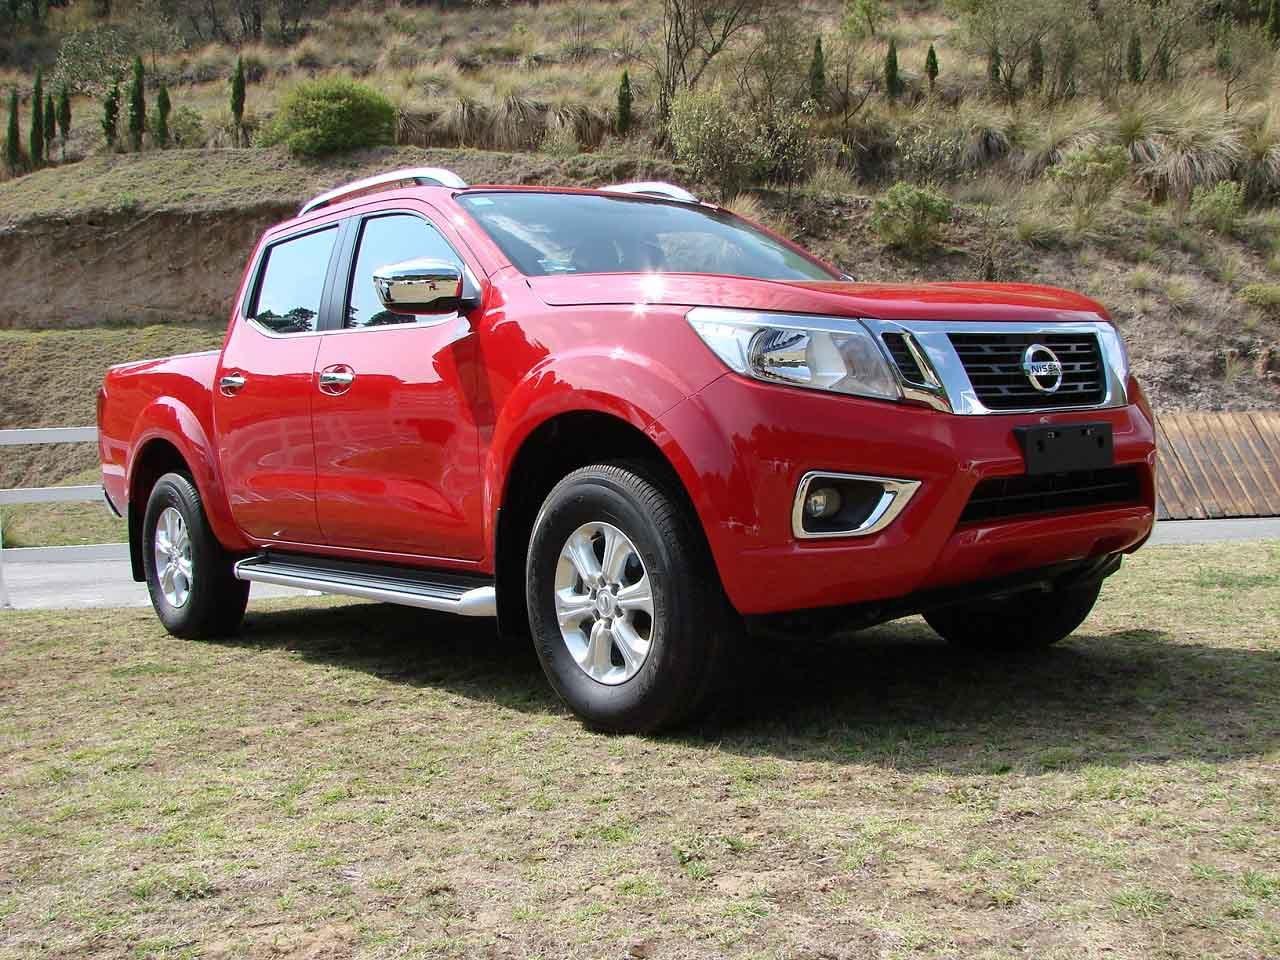 Foto de Nissan NP300 Frontier Diésel 4x4 prueba México (16/31)